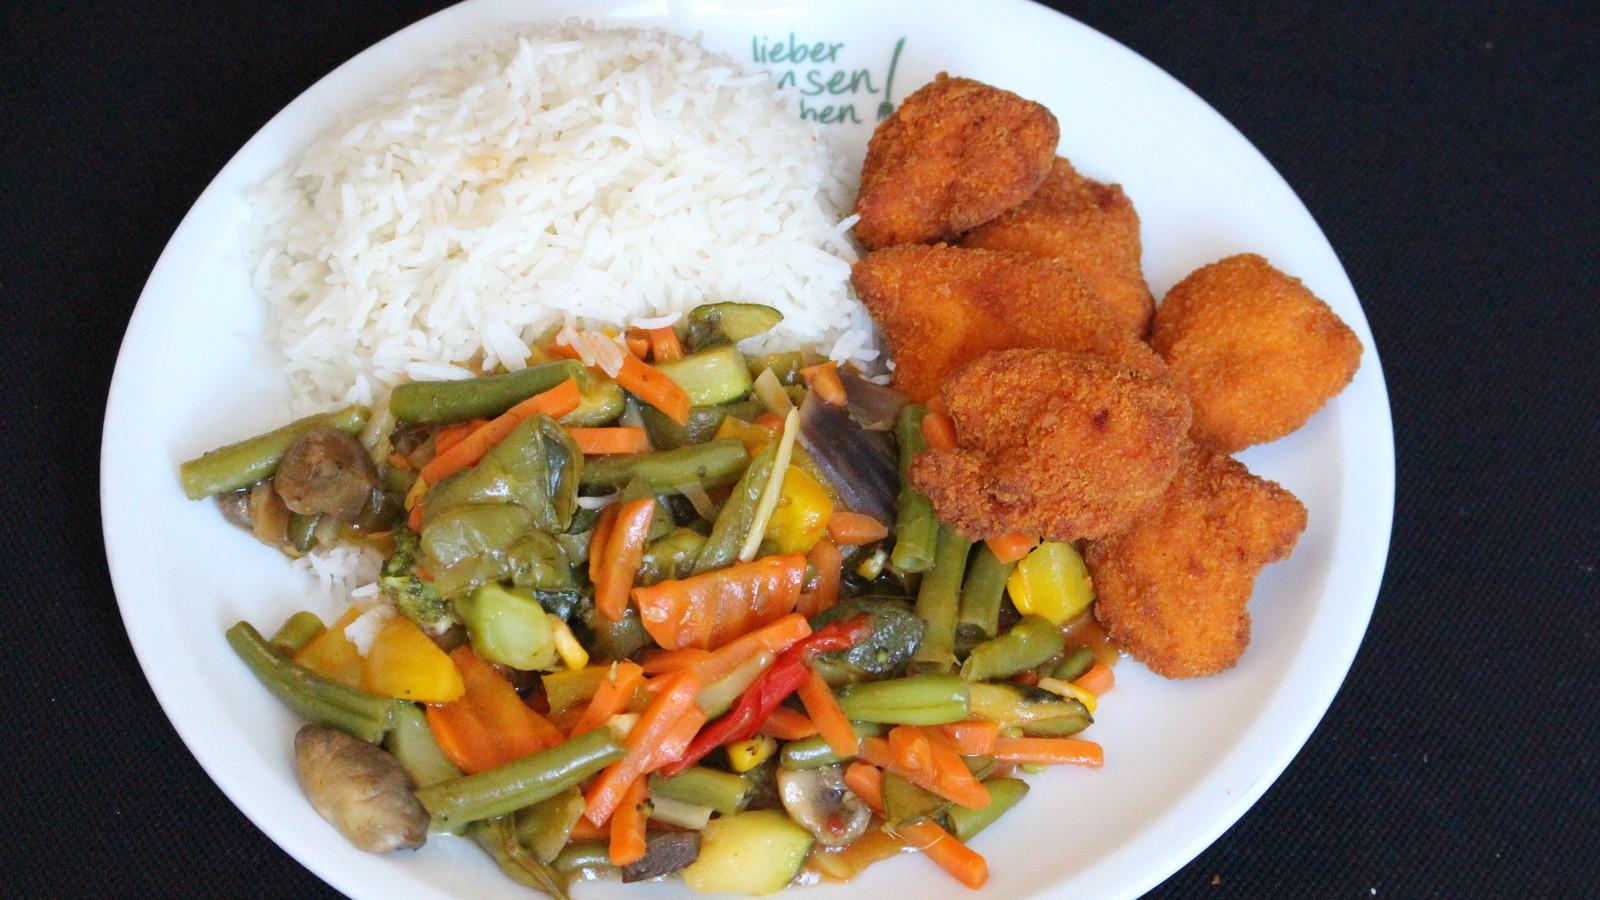 Hähnchen Nuggets oder Valess-Nuggets auf Wokgemüse süßsauer, dazu Basmati Reis